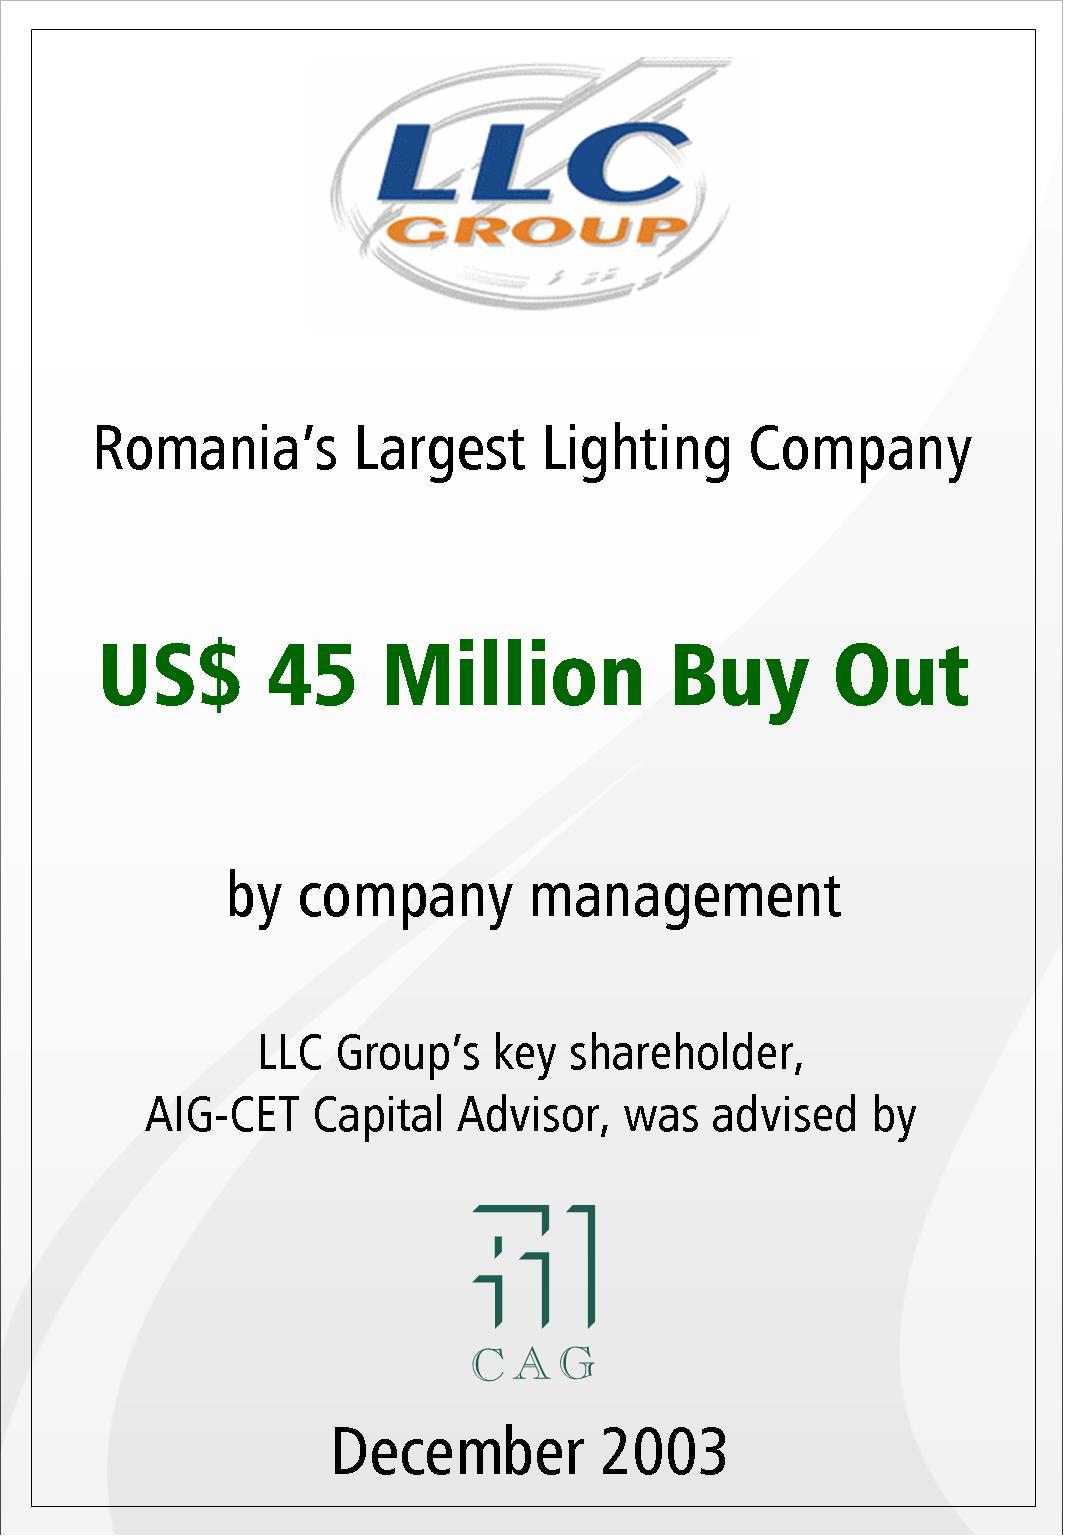 LLC Group